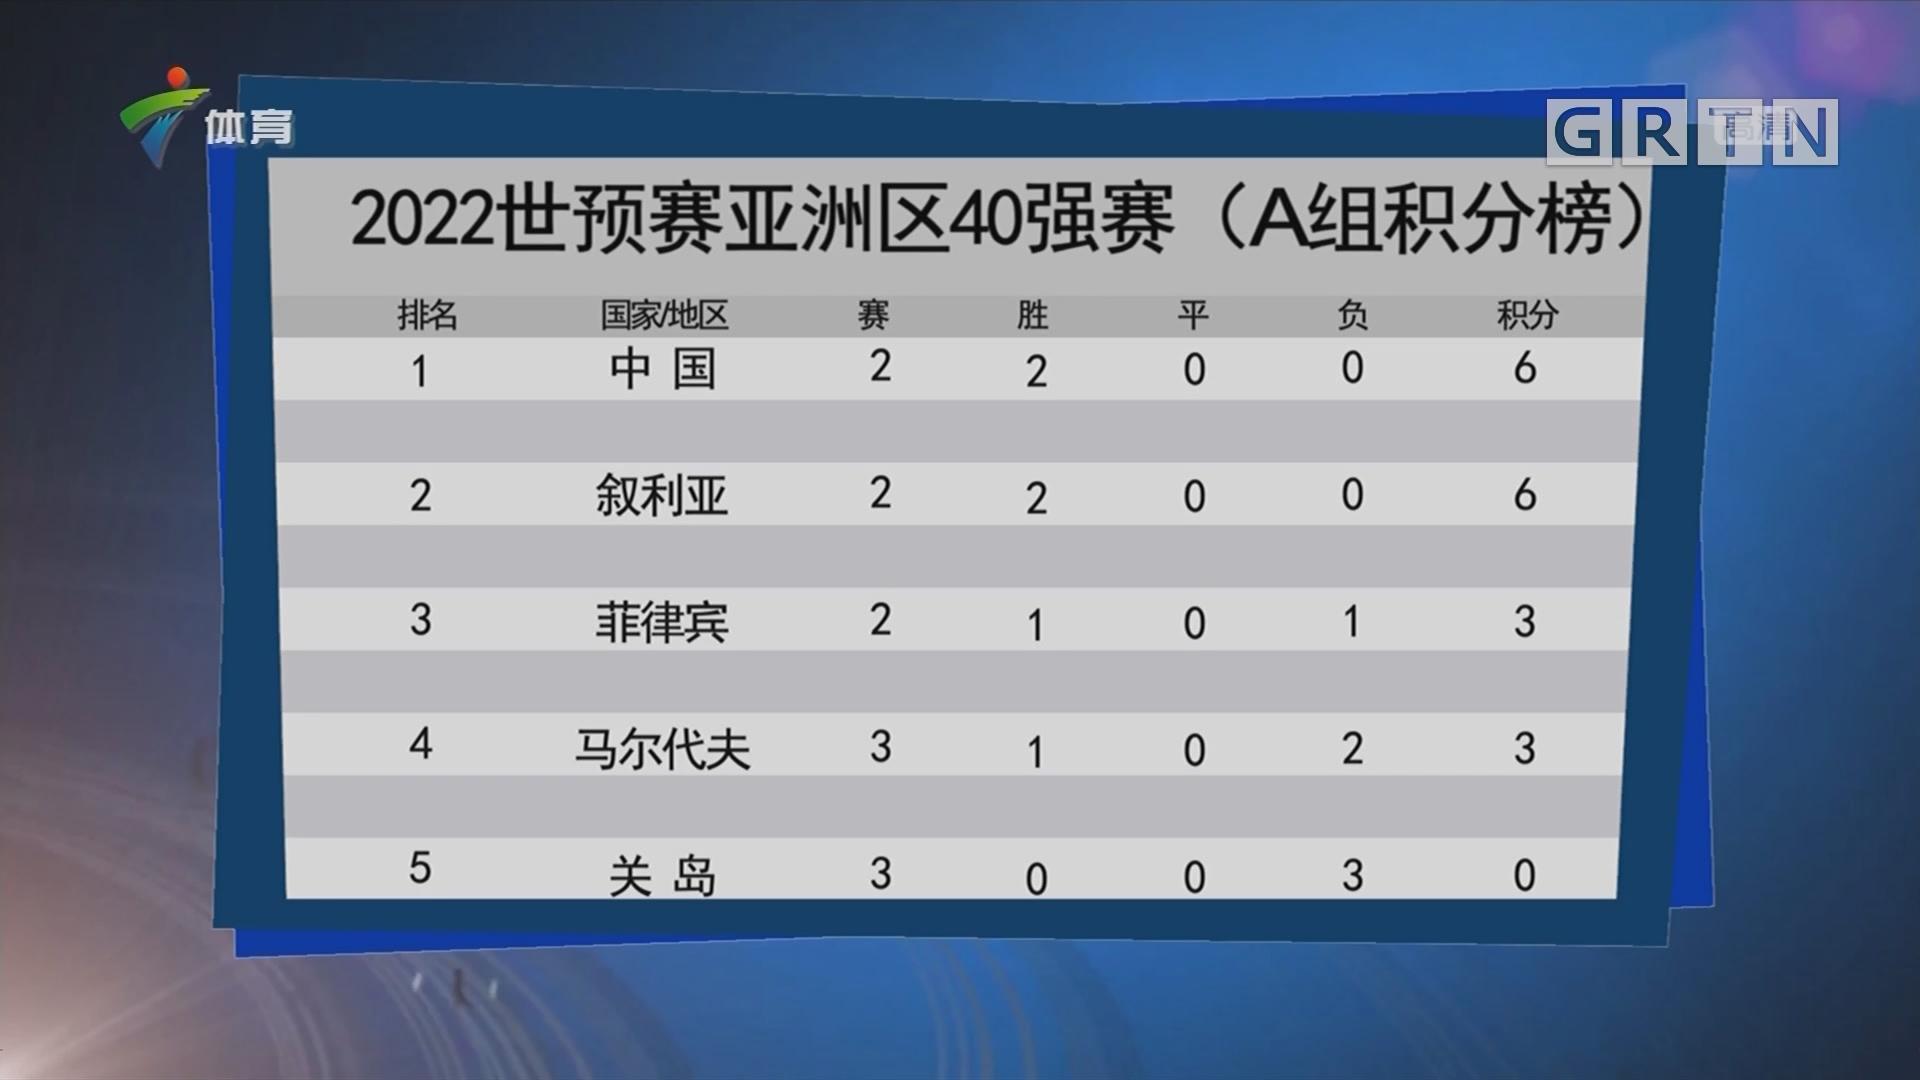 2022世預賽亞洲區40強賽(A組積分榜)